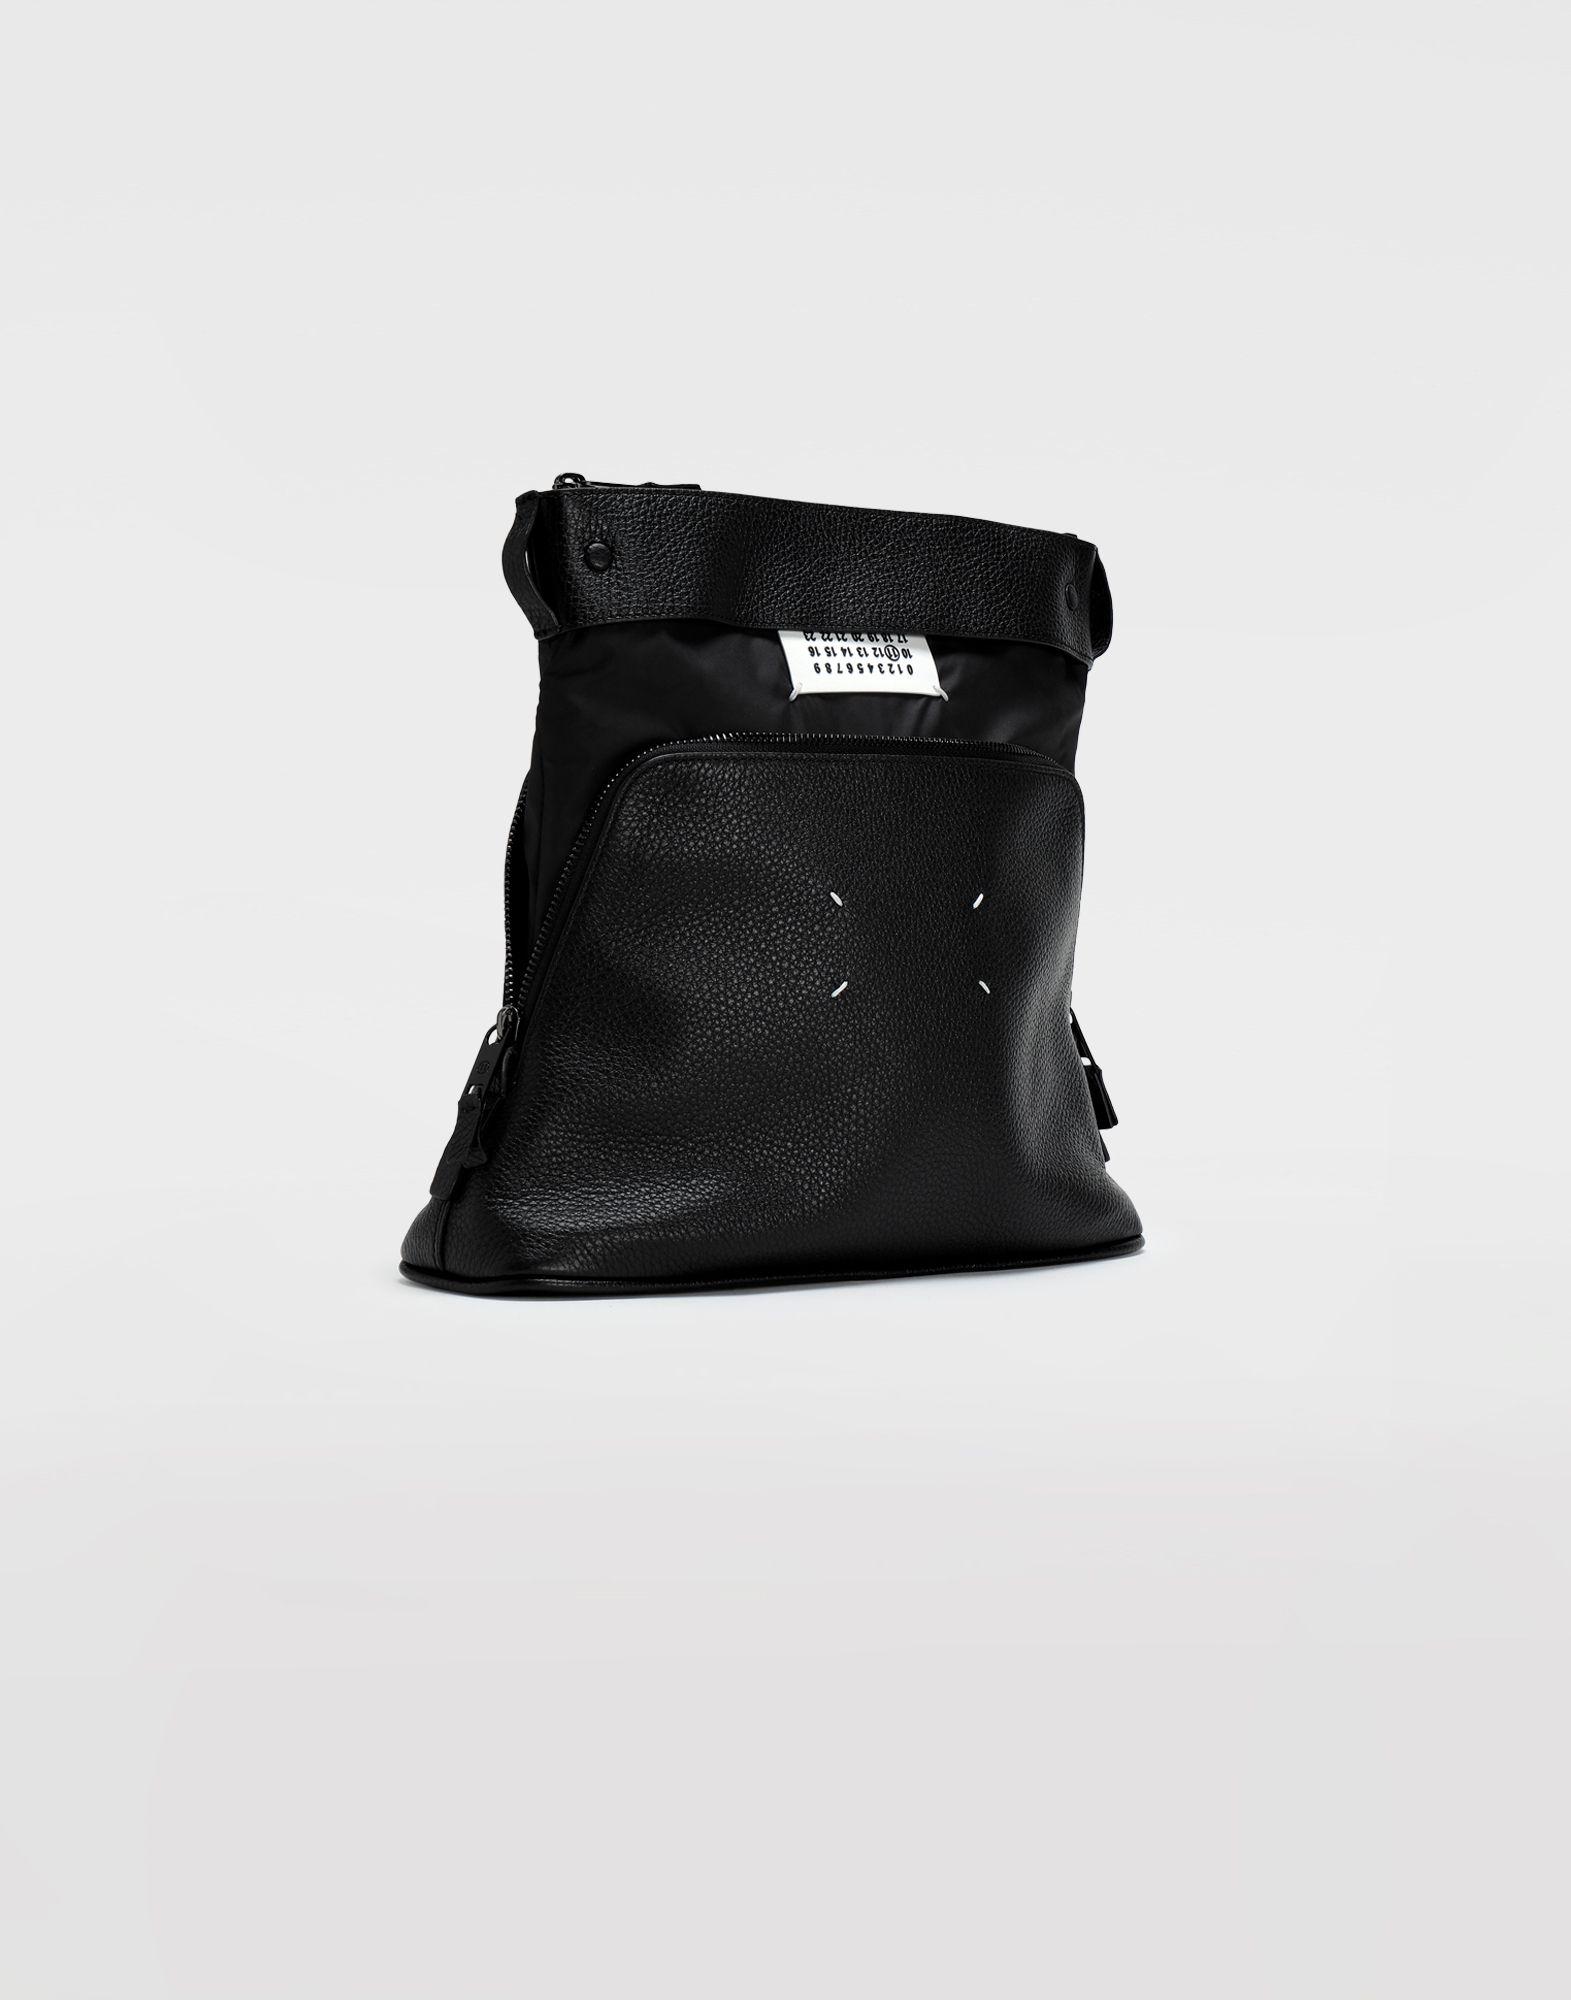 MAISON MARGIELA Zweifach tragbare Tasche Portemonnaie Herr e